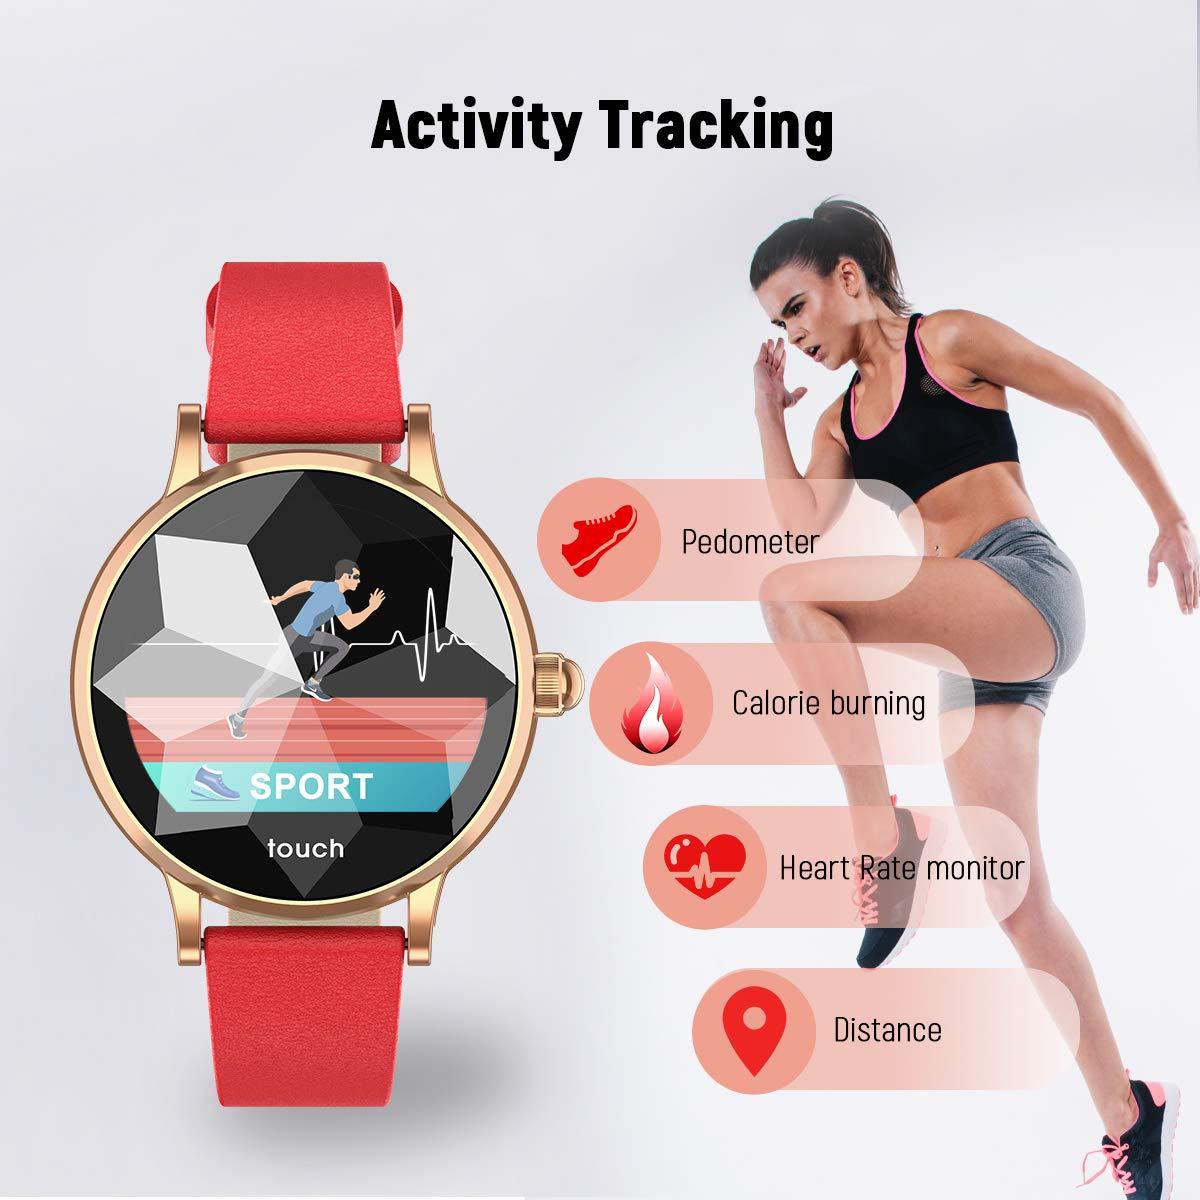 Hopofit Fitness Tracker HrBlutdruckmessbandSmartwatch Mit Hf01 I7ybYf6vg